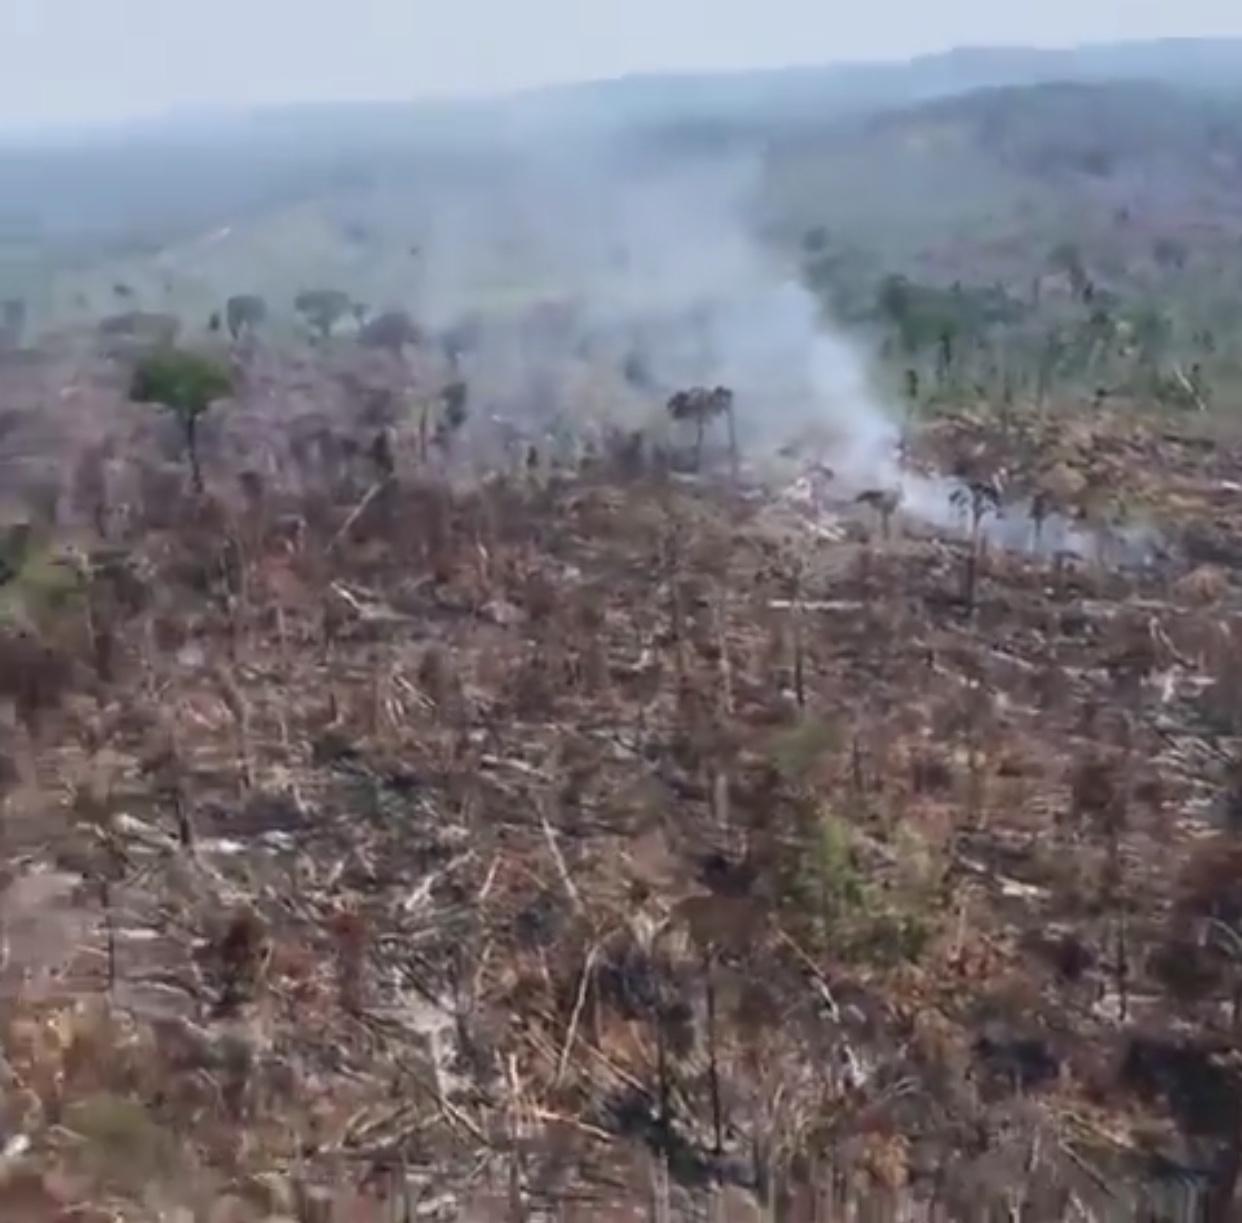 Προκαλεί πάλι ο ελεεινός Μπολσονάρου: Δεν έχουμε λεφτά να σβήσουμε τις φωτιές στον Αμαζόνιο!